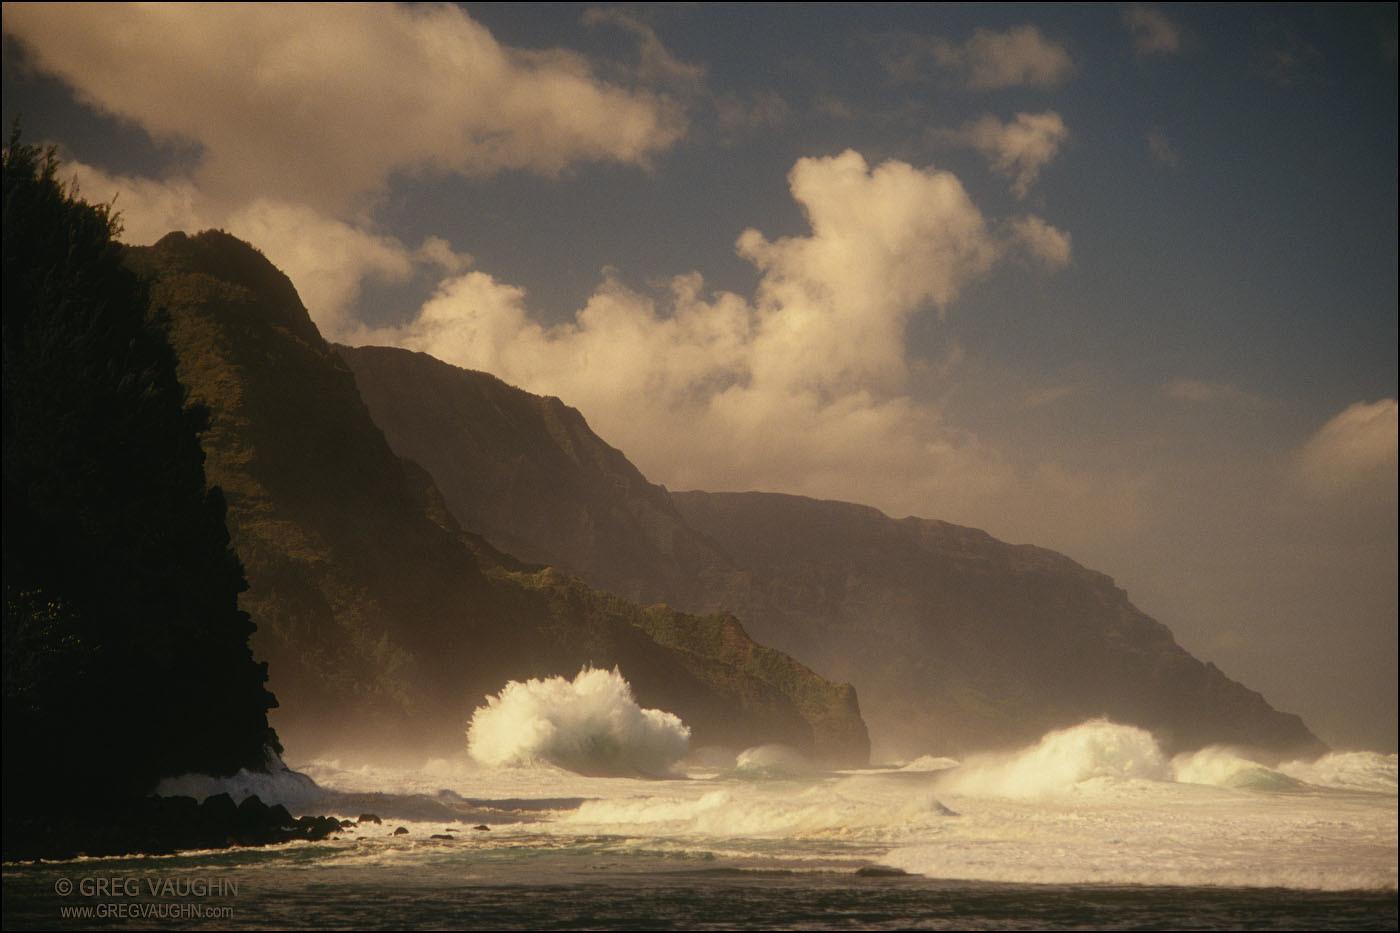 waves and cliffs of the Na Pali Coast, from Ke'e Beach